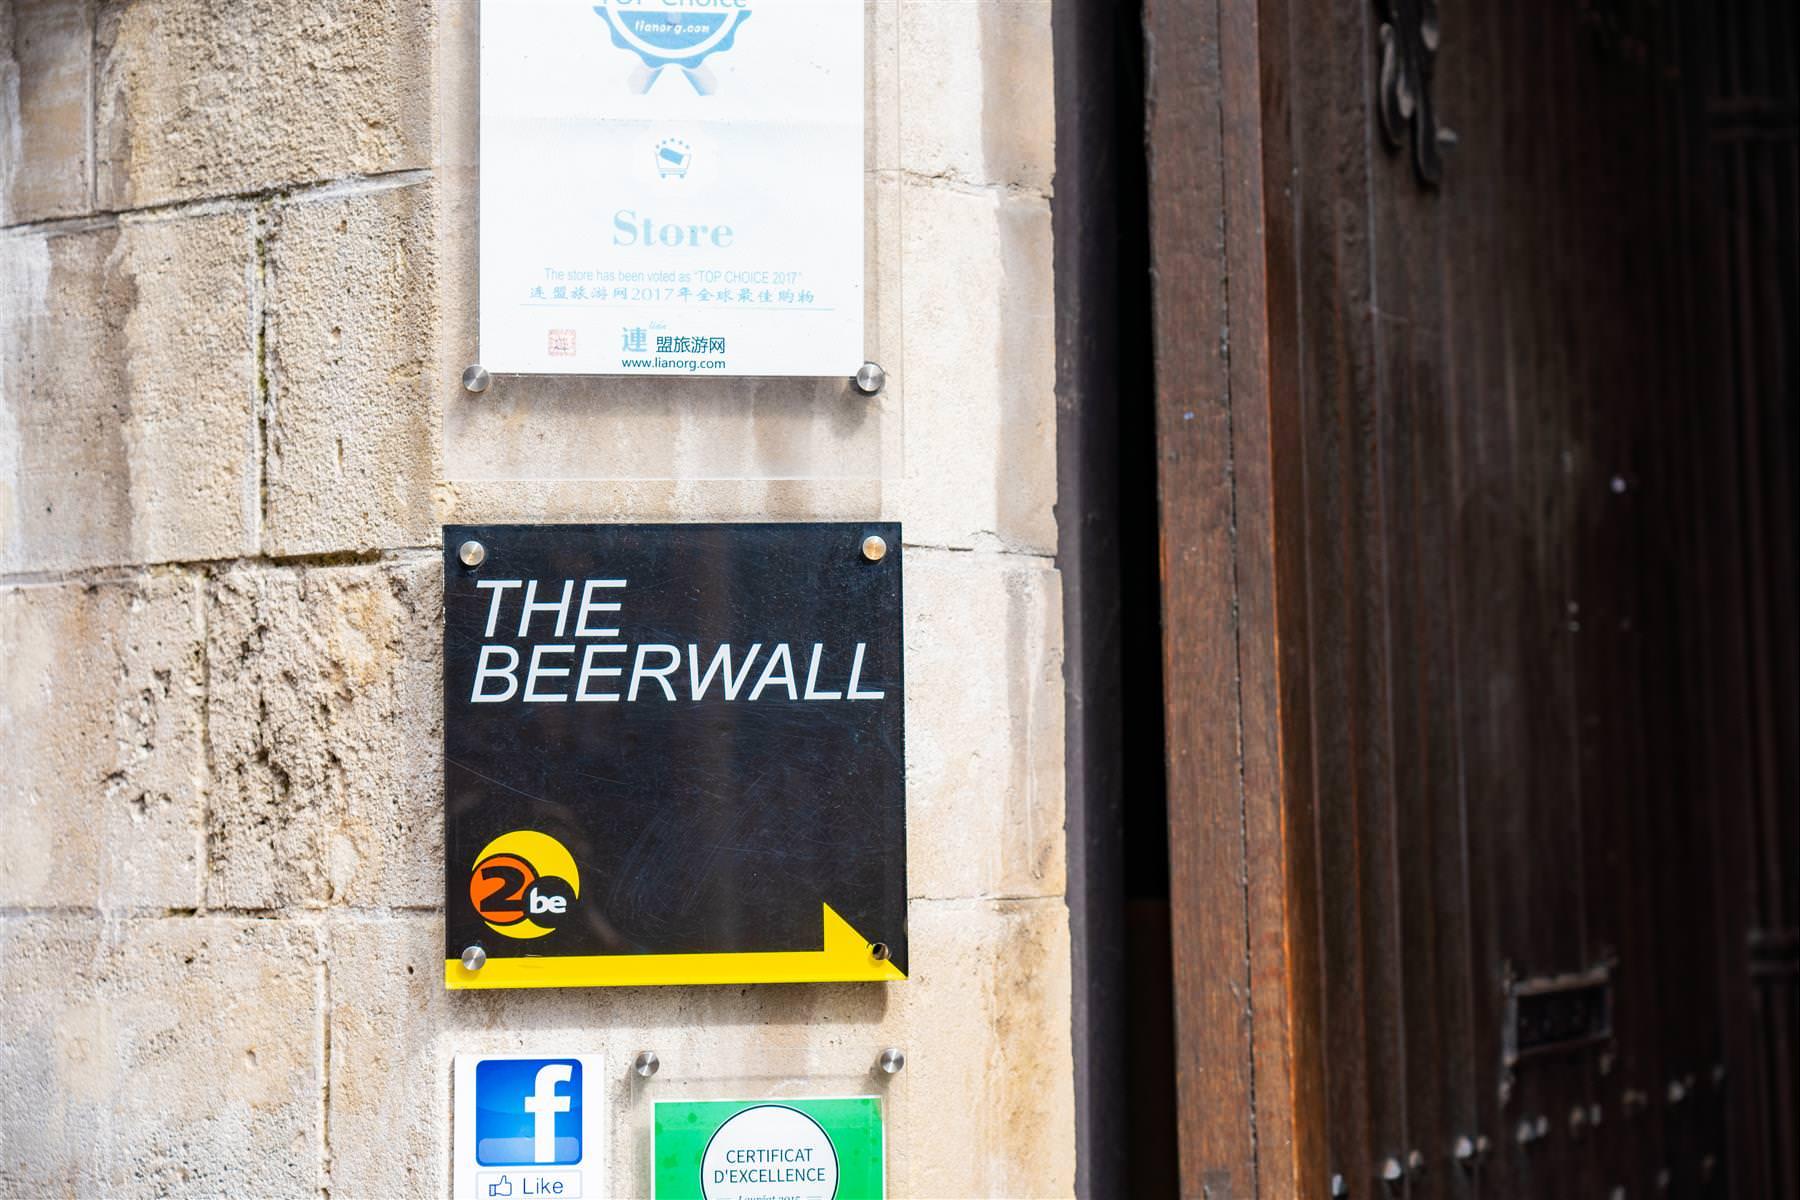 啤酒牆 BEER WALL